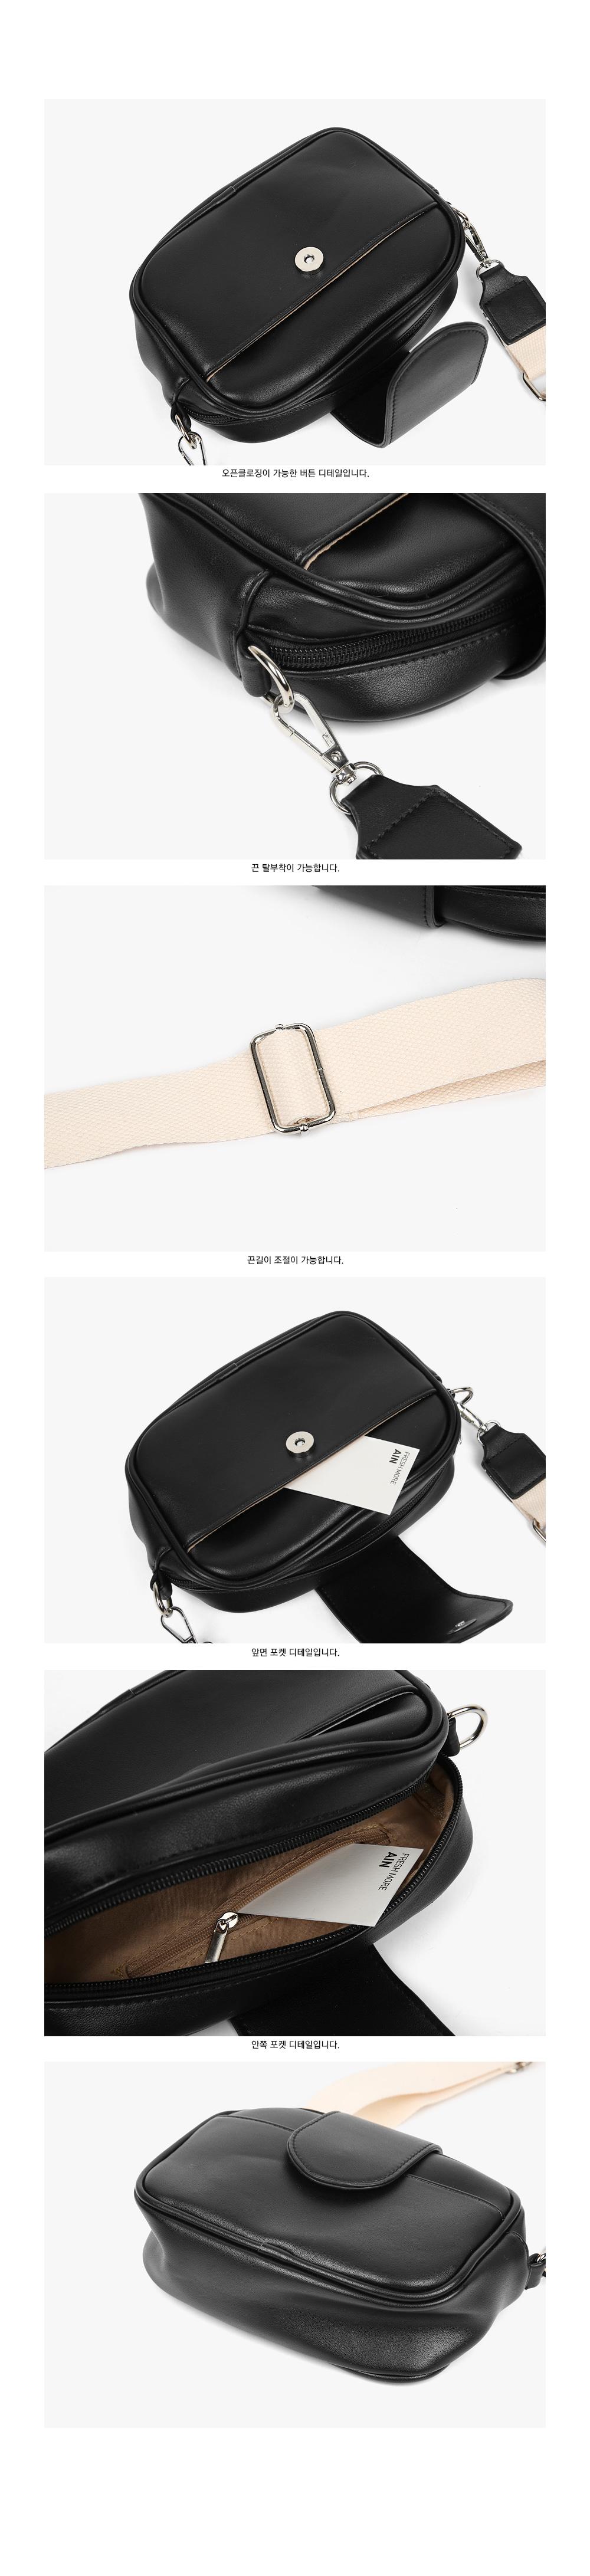 often strap shoulder bag